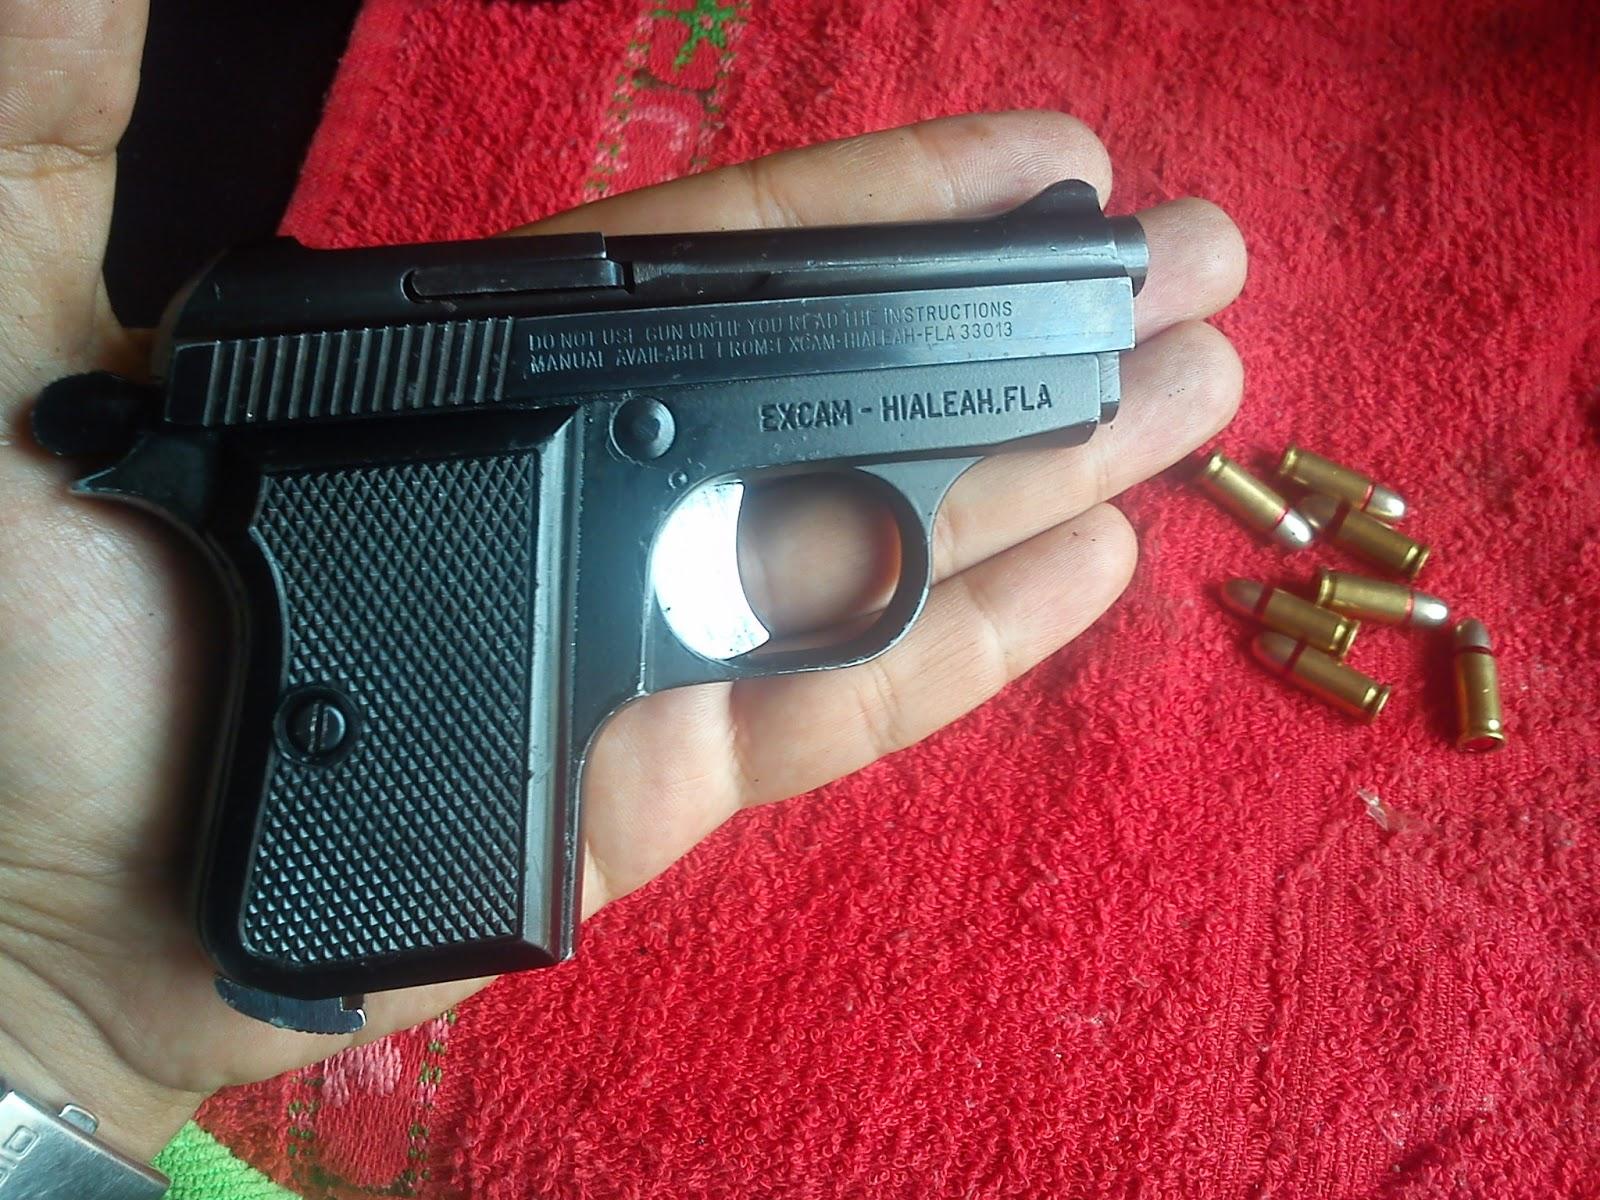 Pistolas portuguesas armas de fuego - Pistola para lacar ...